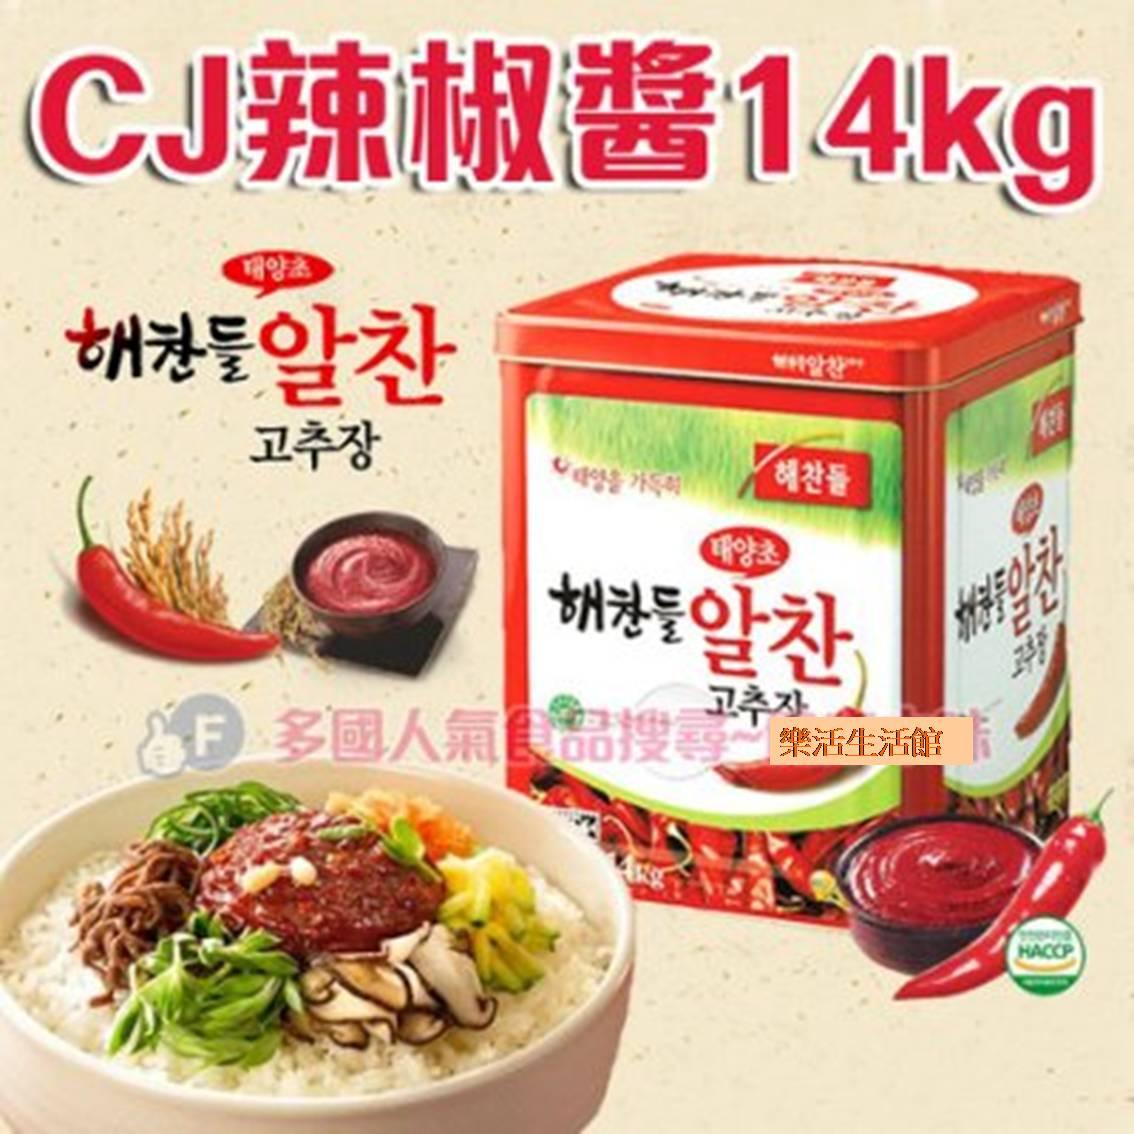 韓國CJ辣椒醬14公斤桶裝 樂活 館